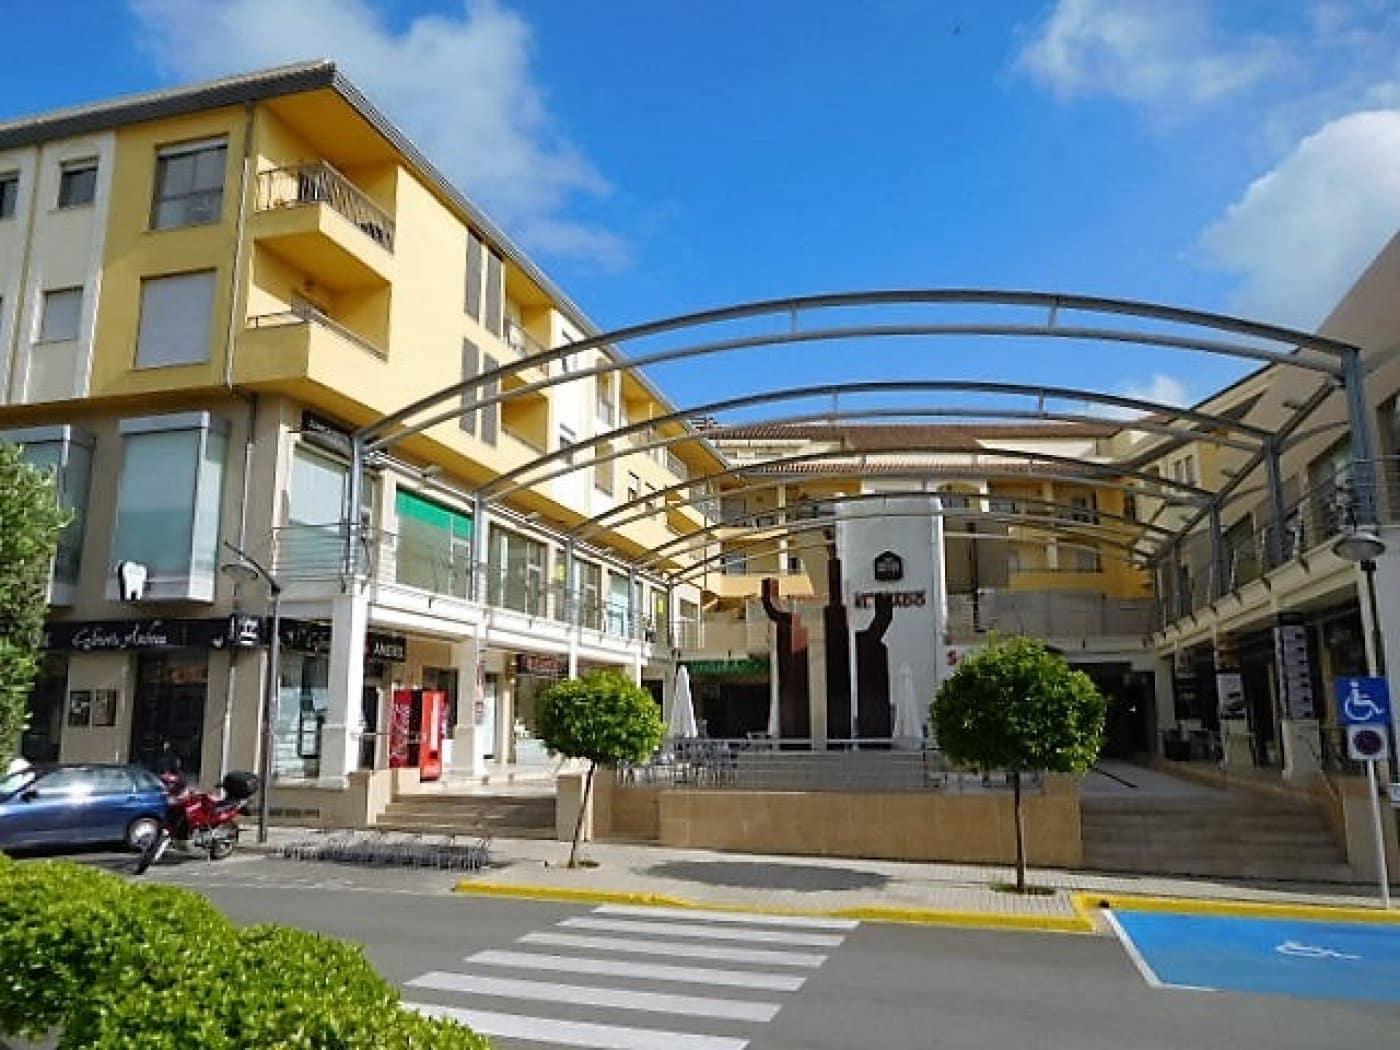 Local Comercial en Ondara en venta - 86.000 € (Ref: 4423999)